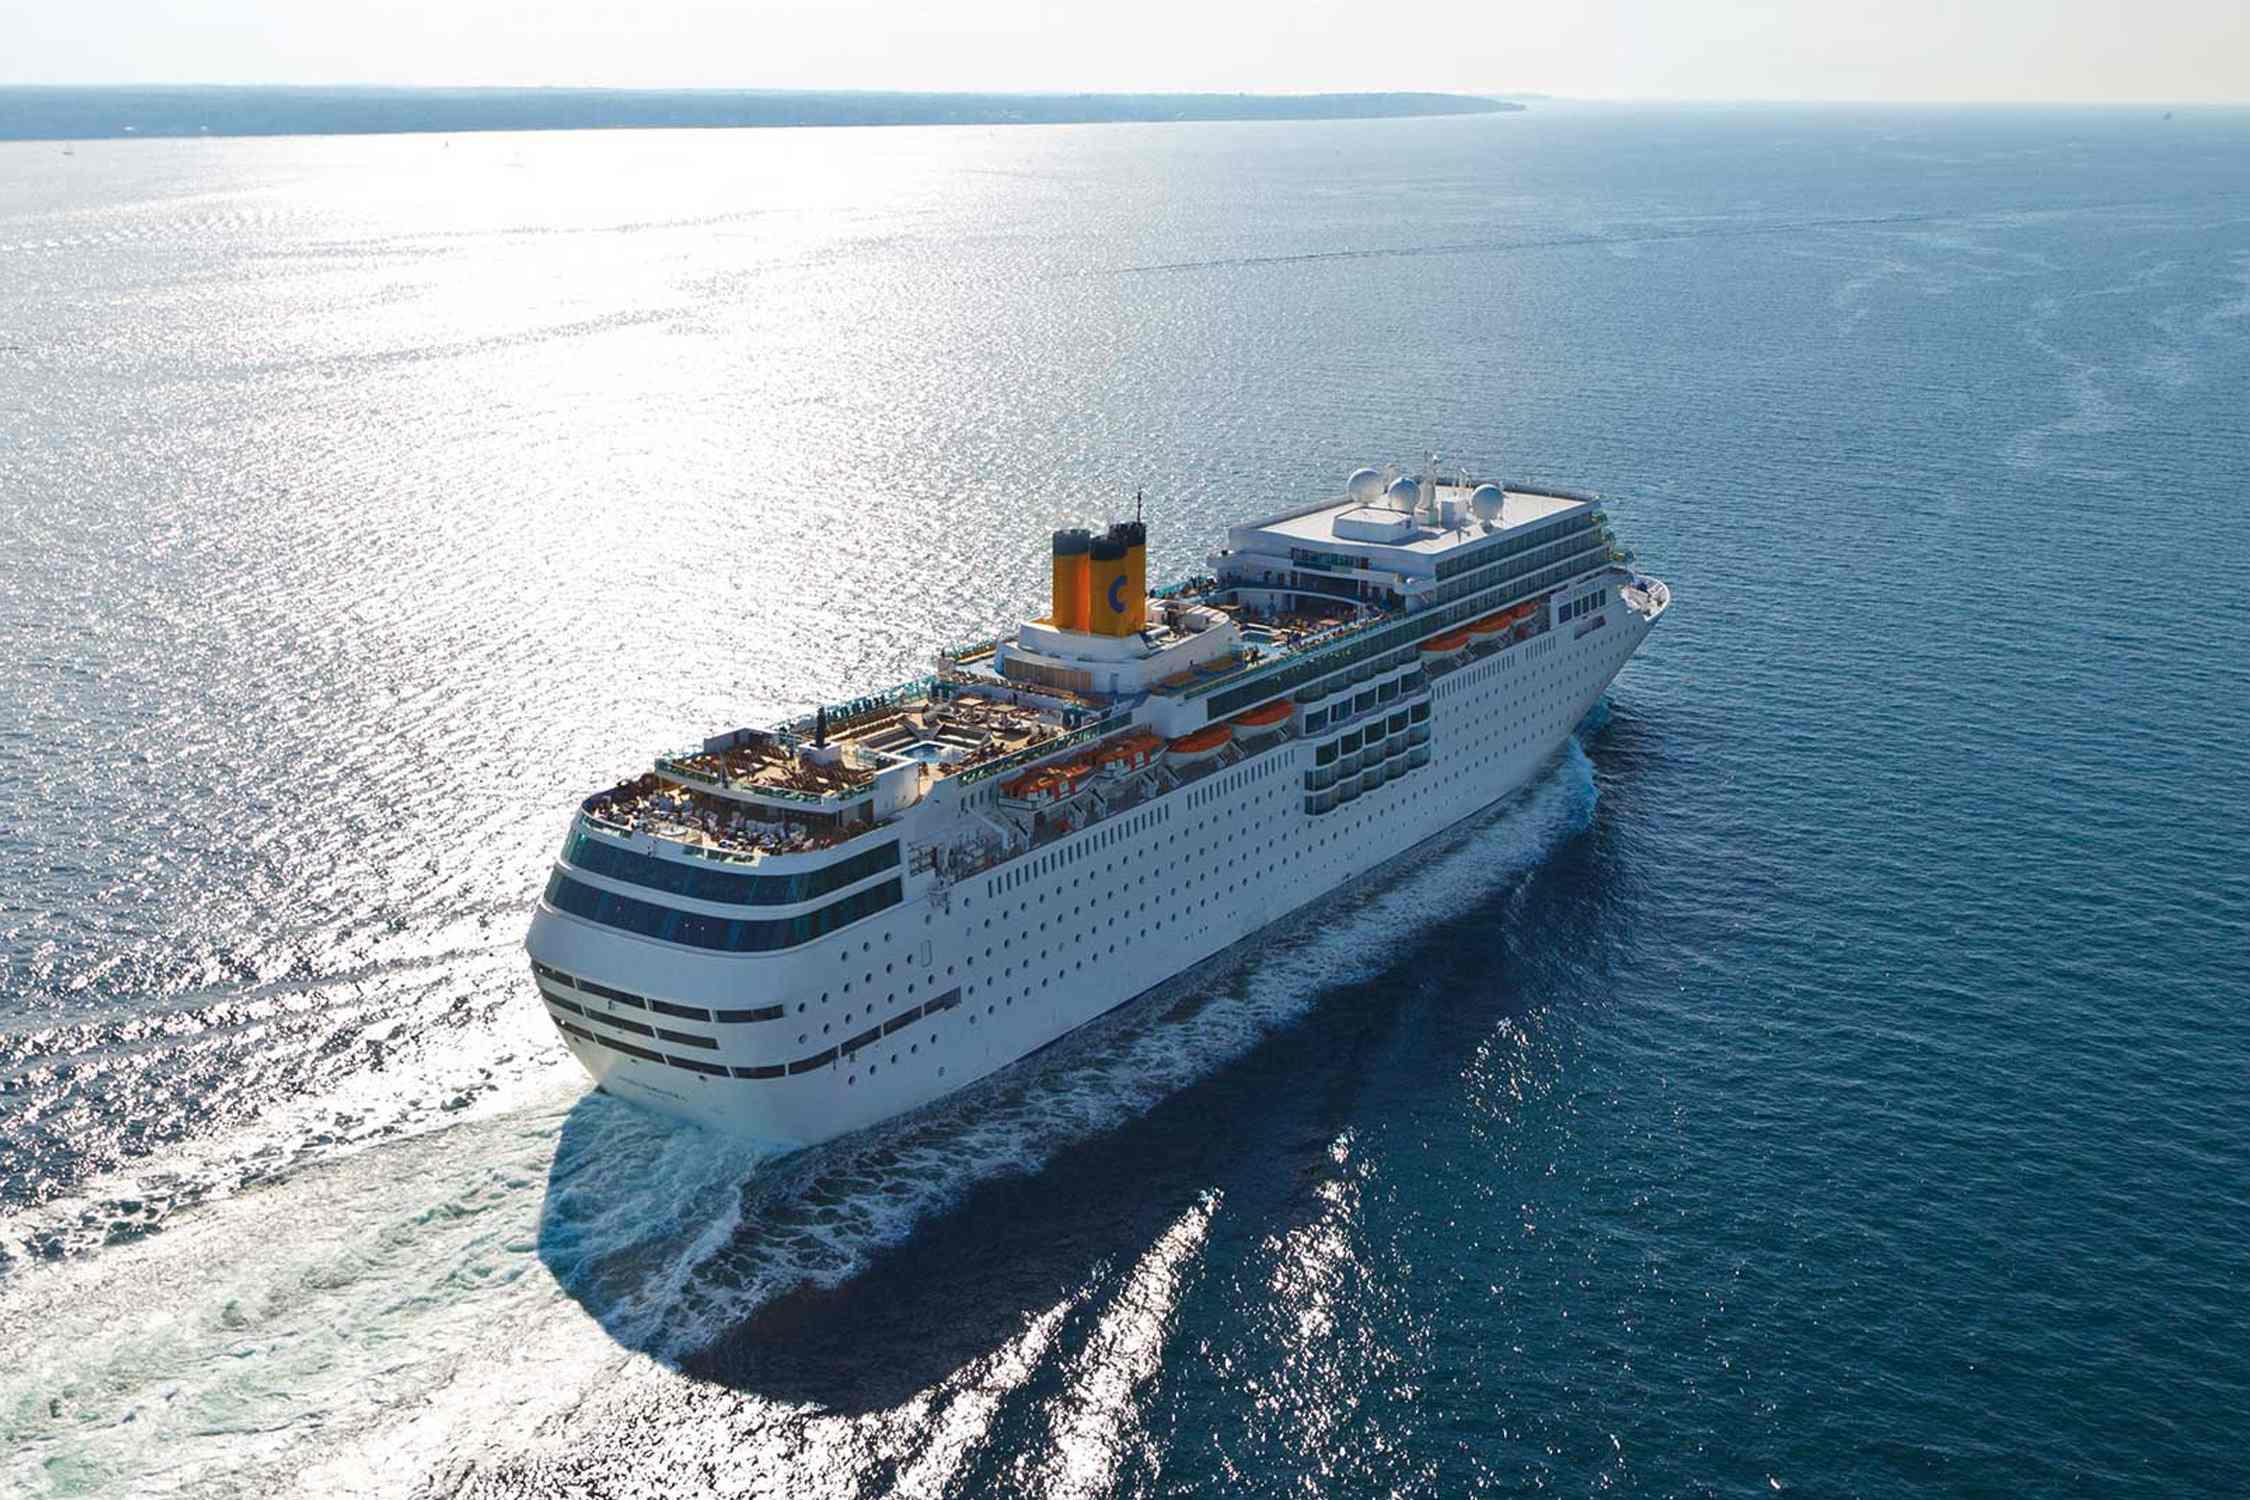 ทัวร์ล่องเรือสำราญ โตเกียว–โกเบ–เชจู (เกาหลี)–นางาซากิ-คาโกชิม่า-โตเกียว 9 วัน 7 คืน